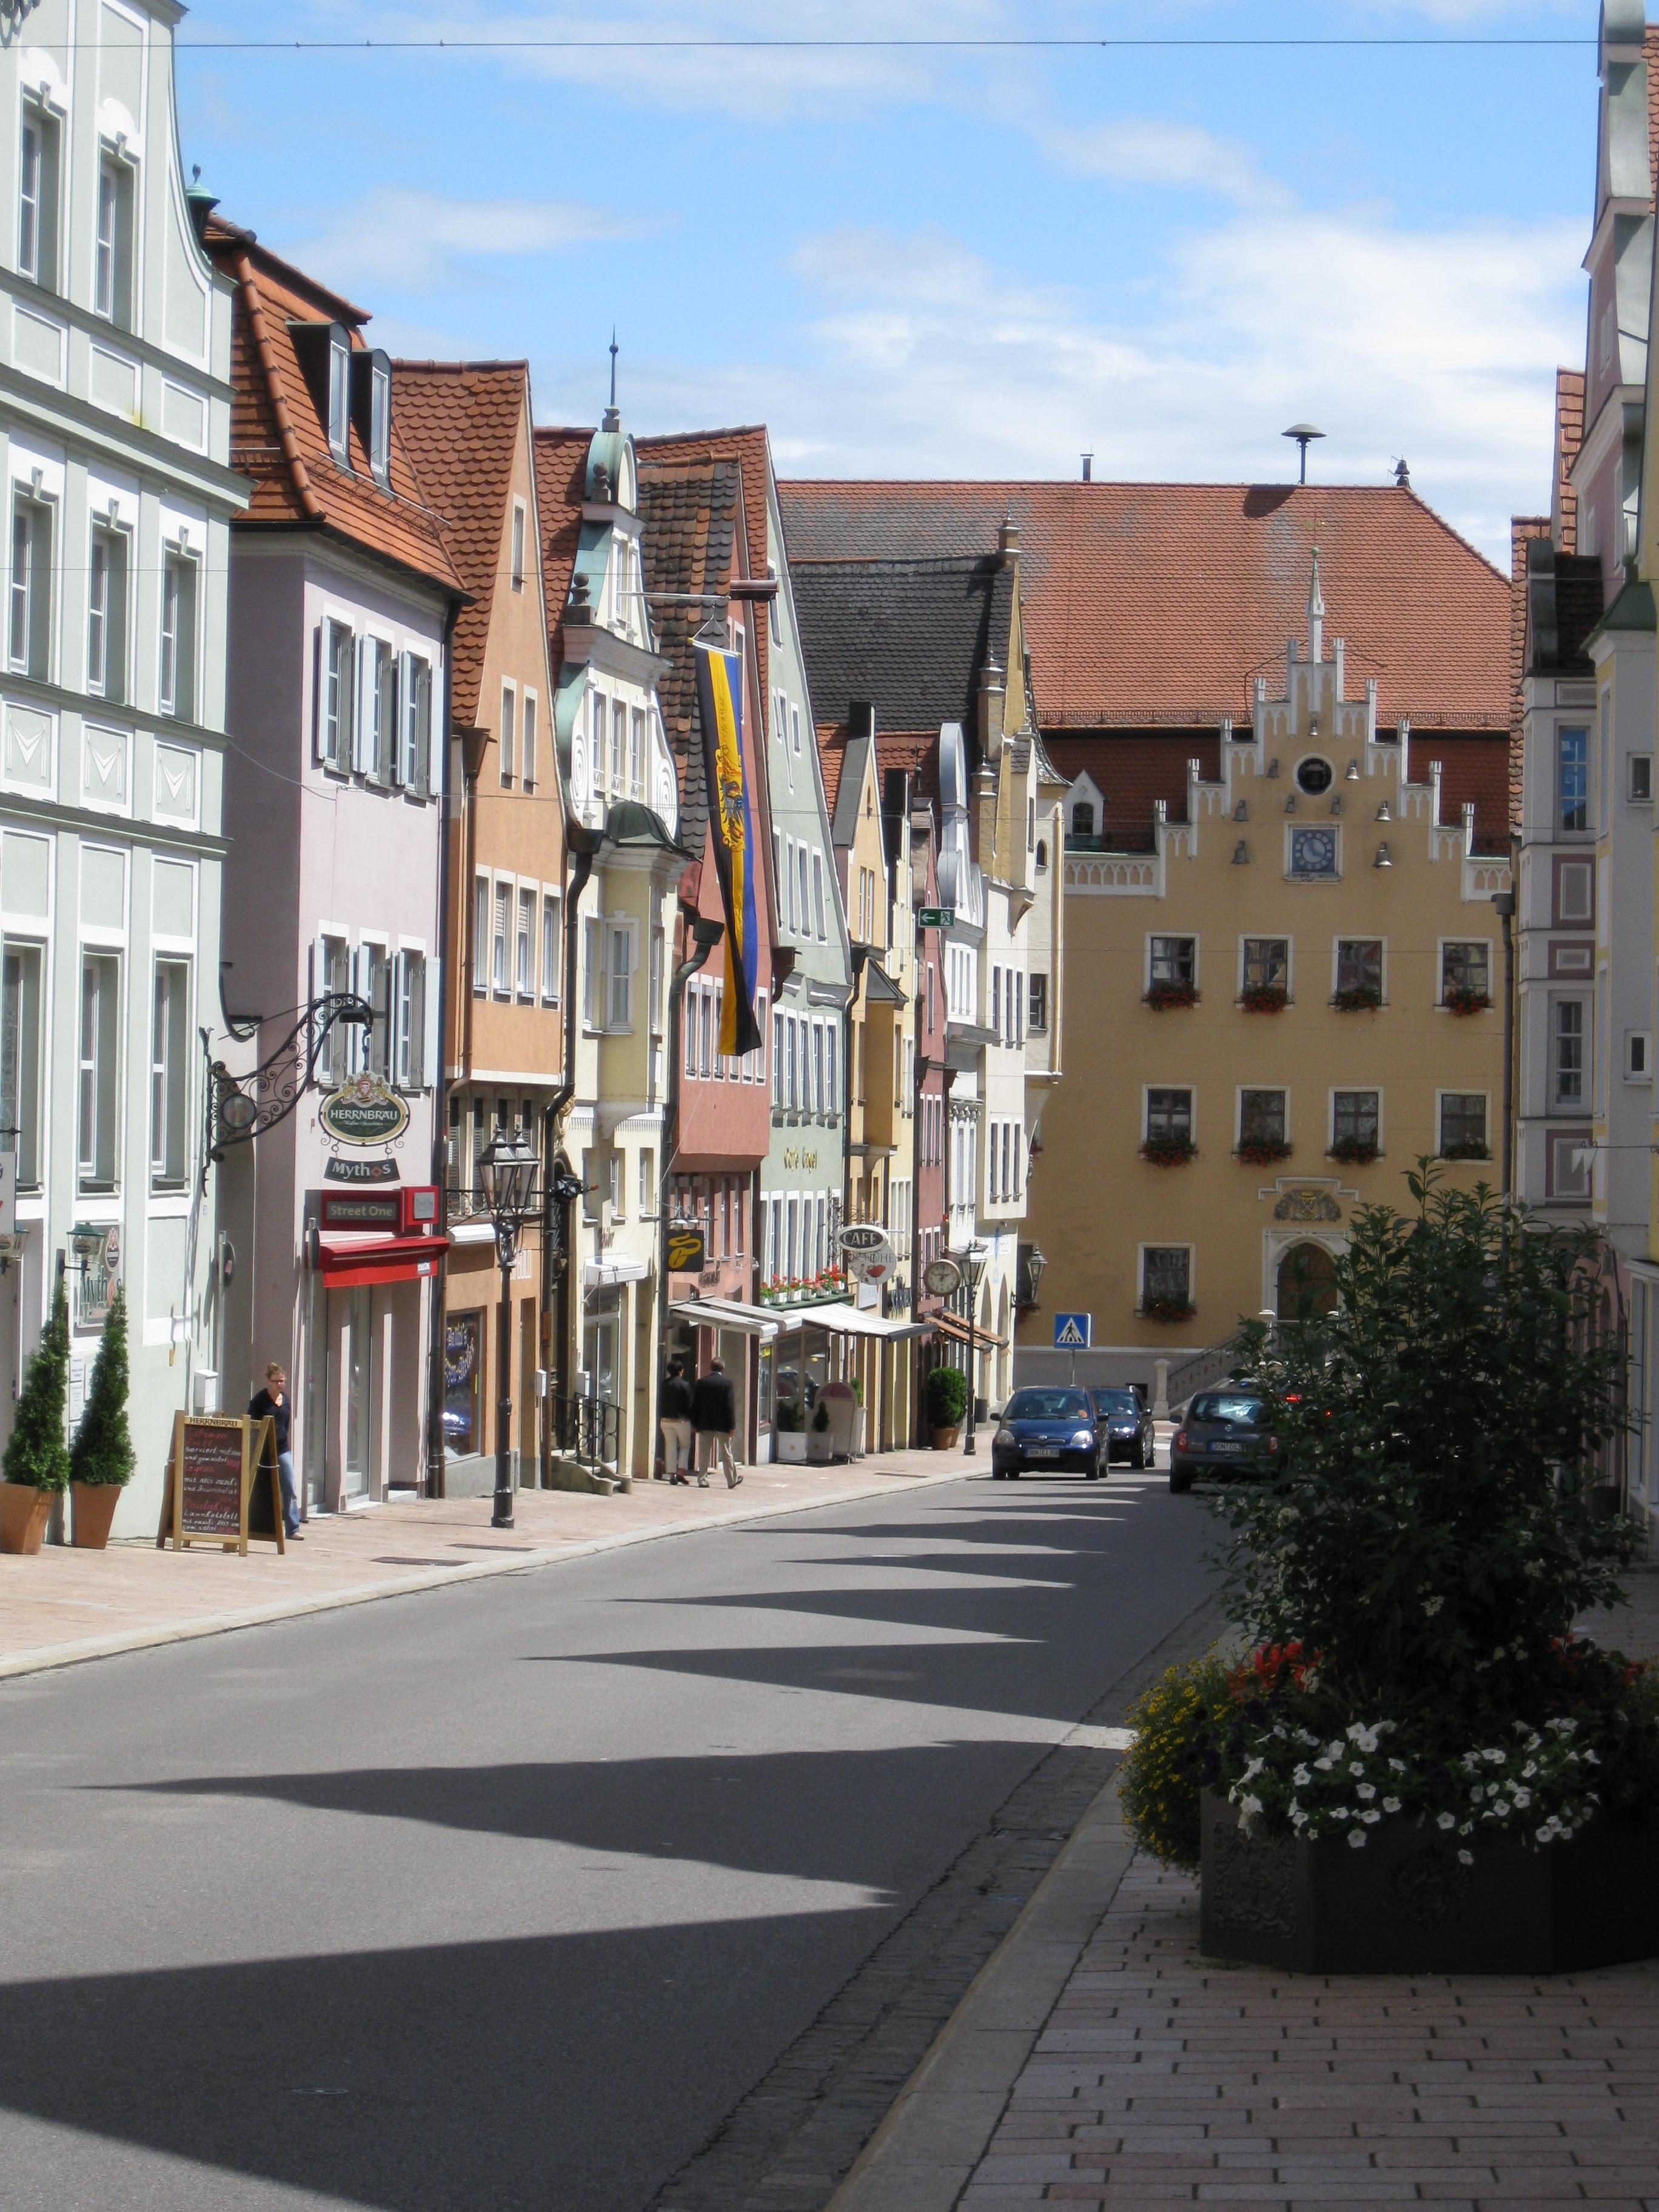 Dating donauworth Startseite - BRK KV Nordschwaben